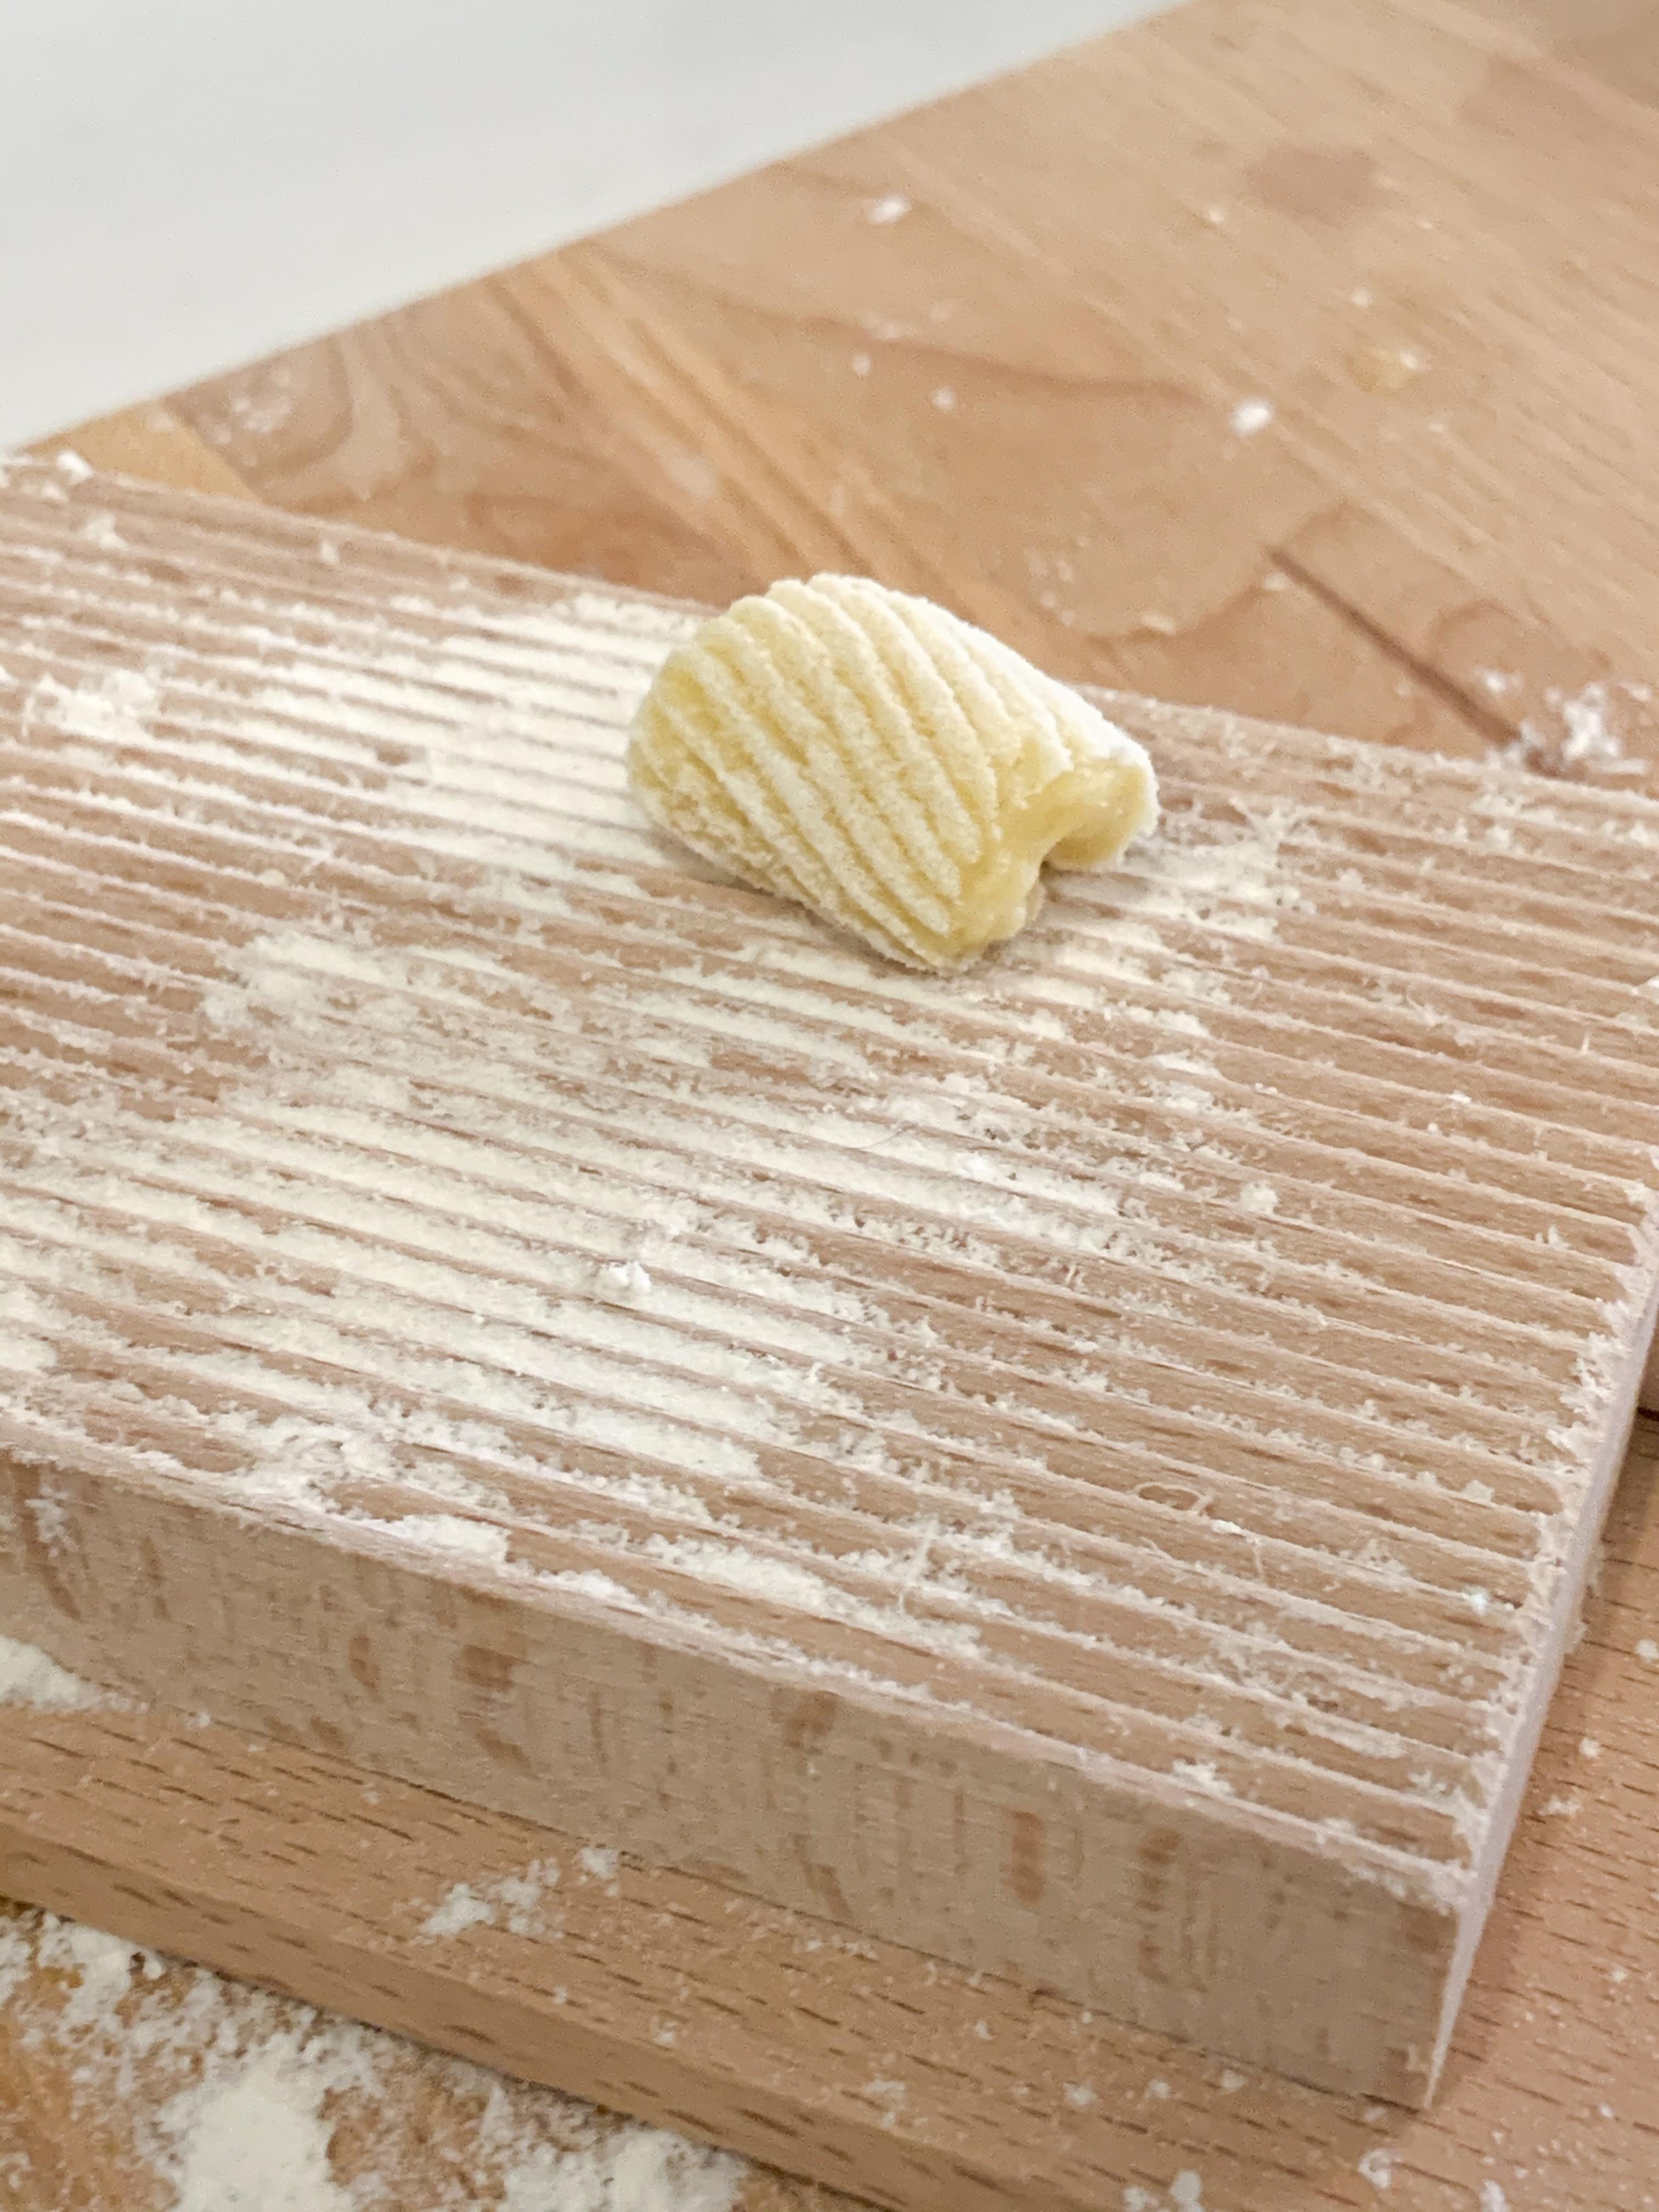 shape of homemade gnocchi